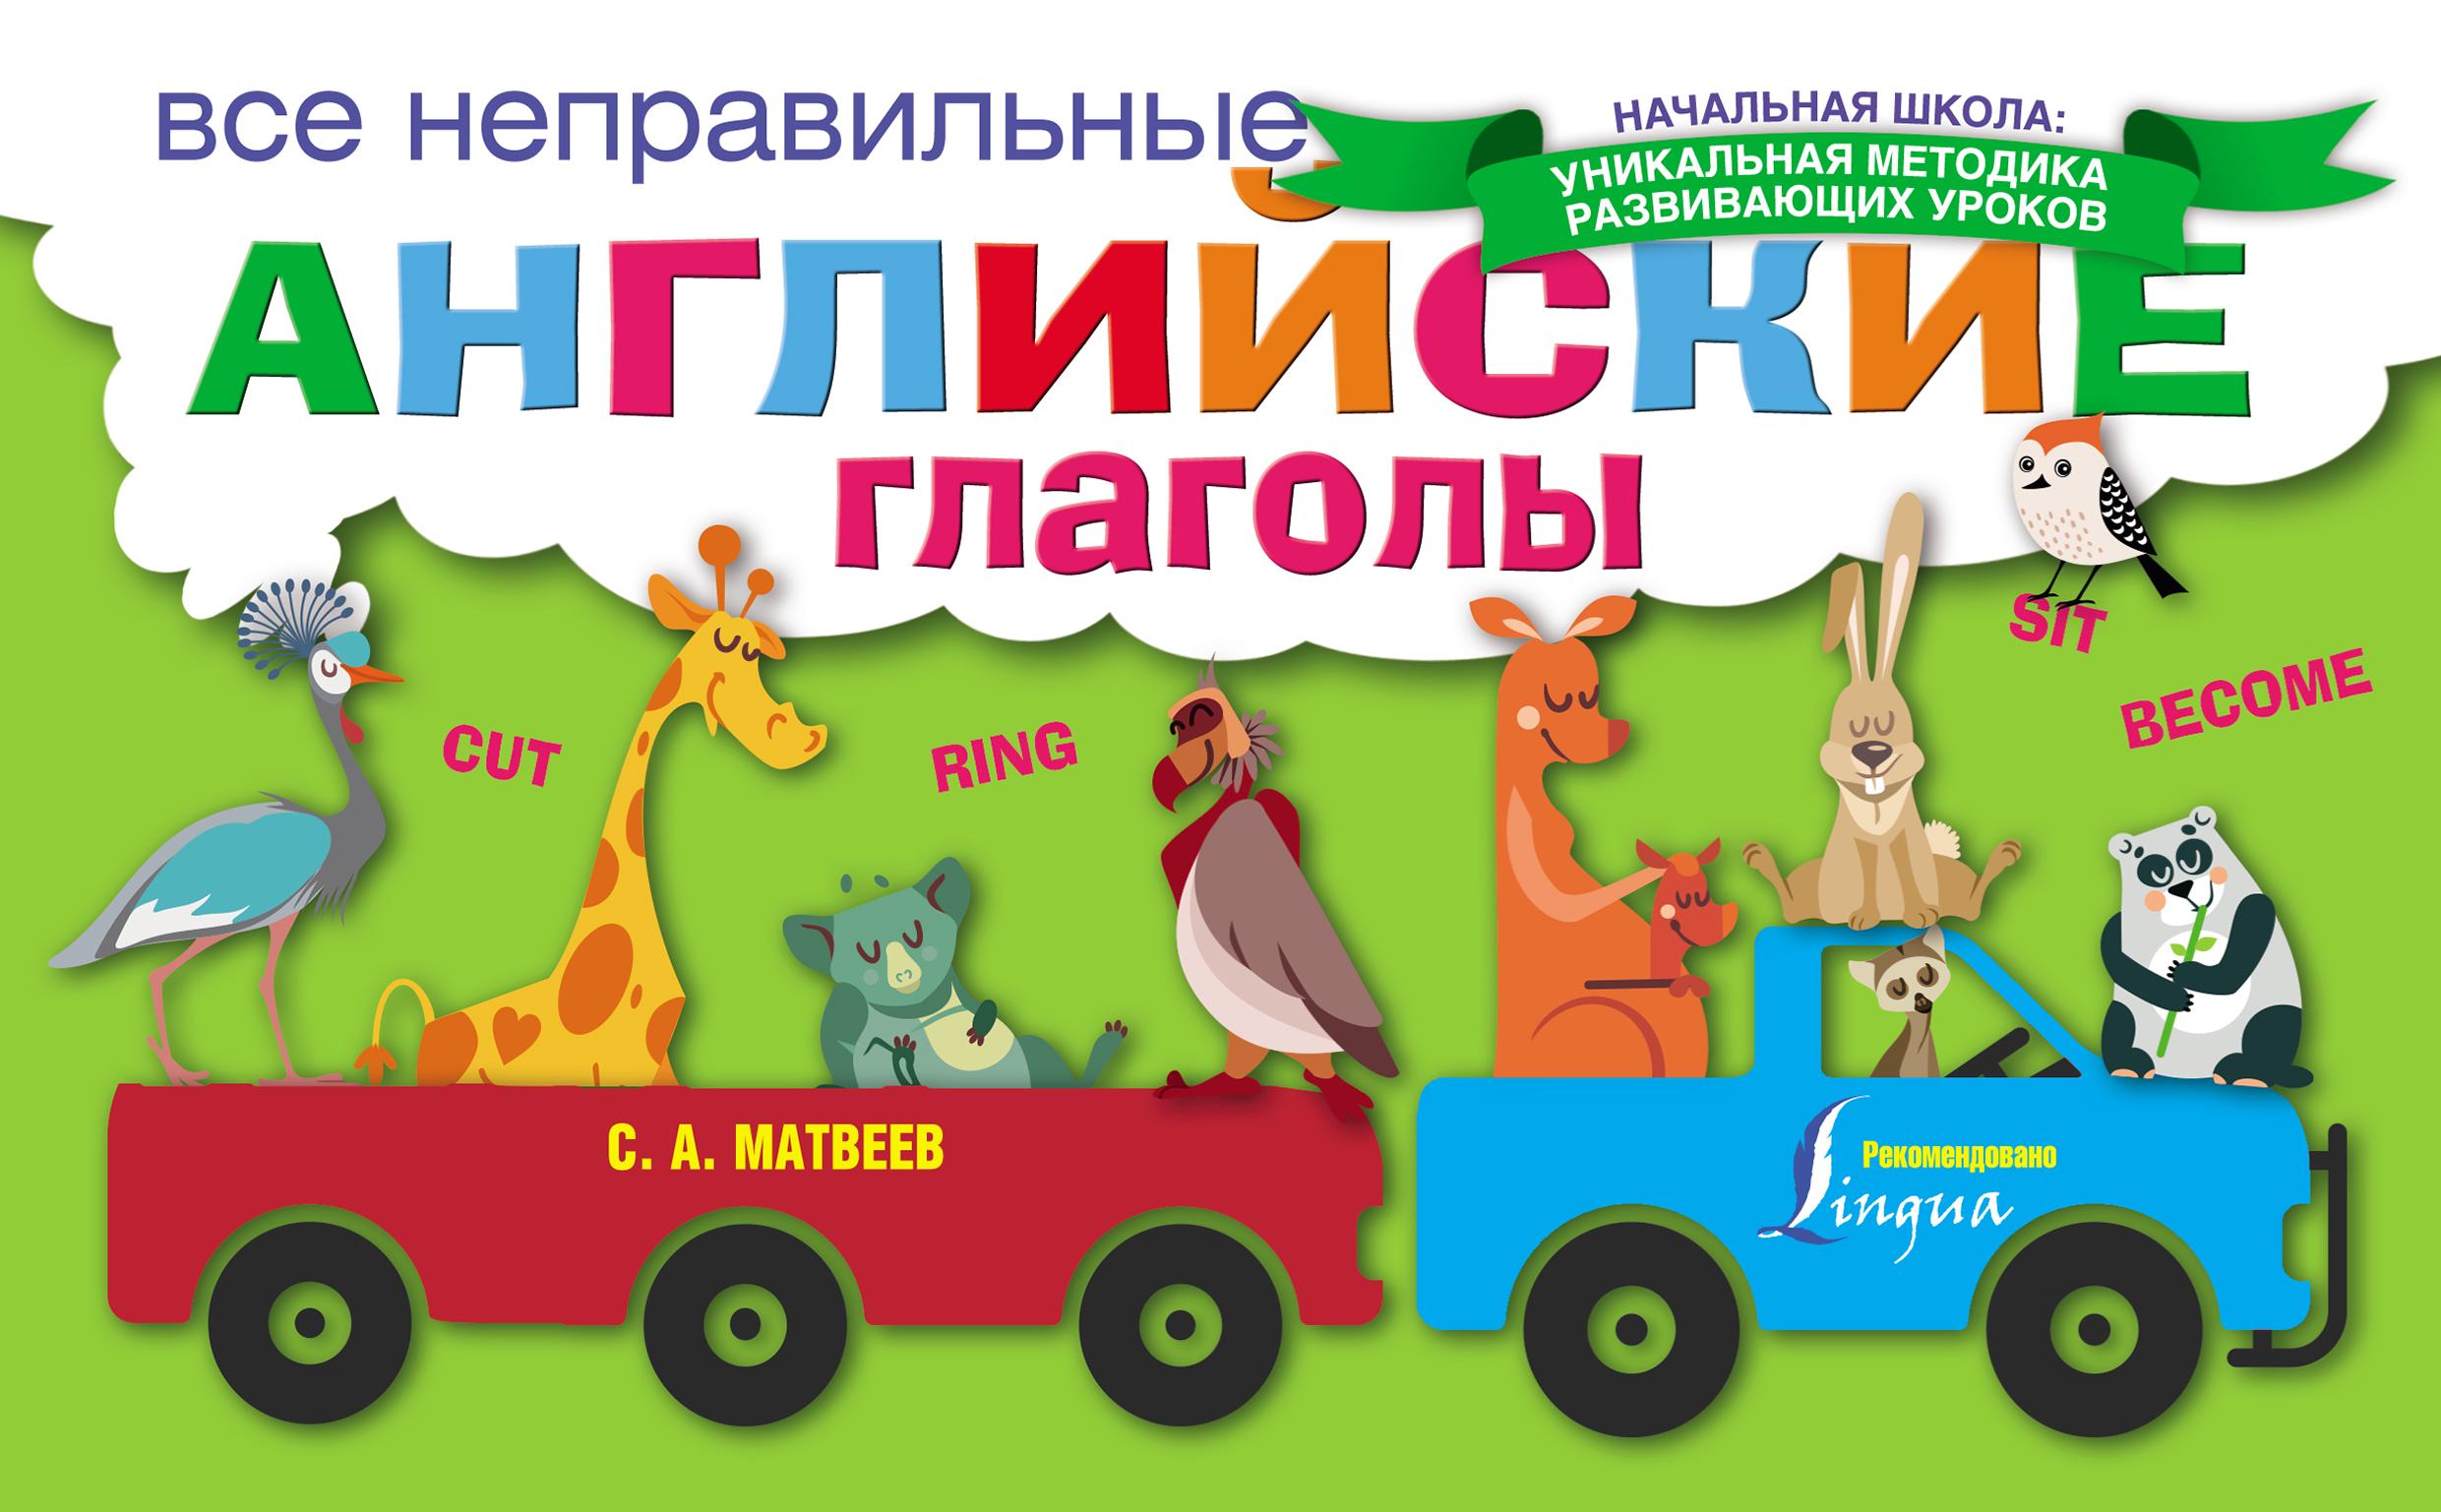 С. А. Матвеев Все неправильные английские глаголы учебное пособие все будет неправильно набор 3 англ язык неправильные глаголы